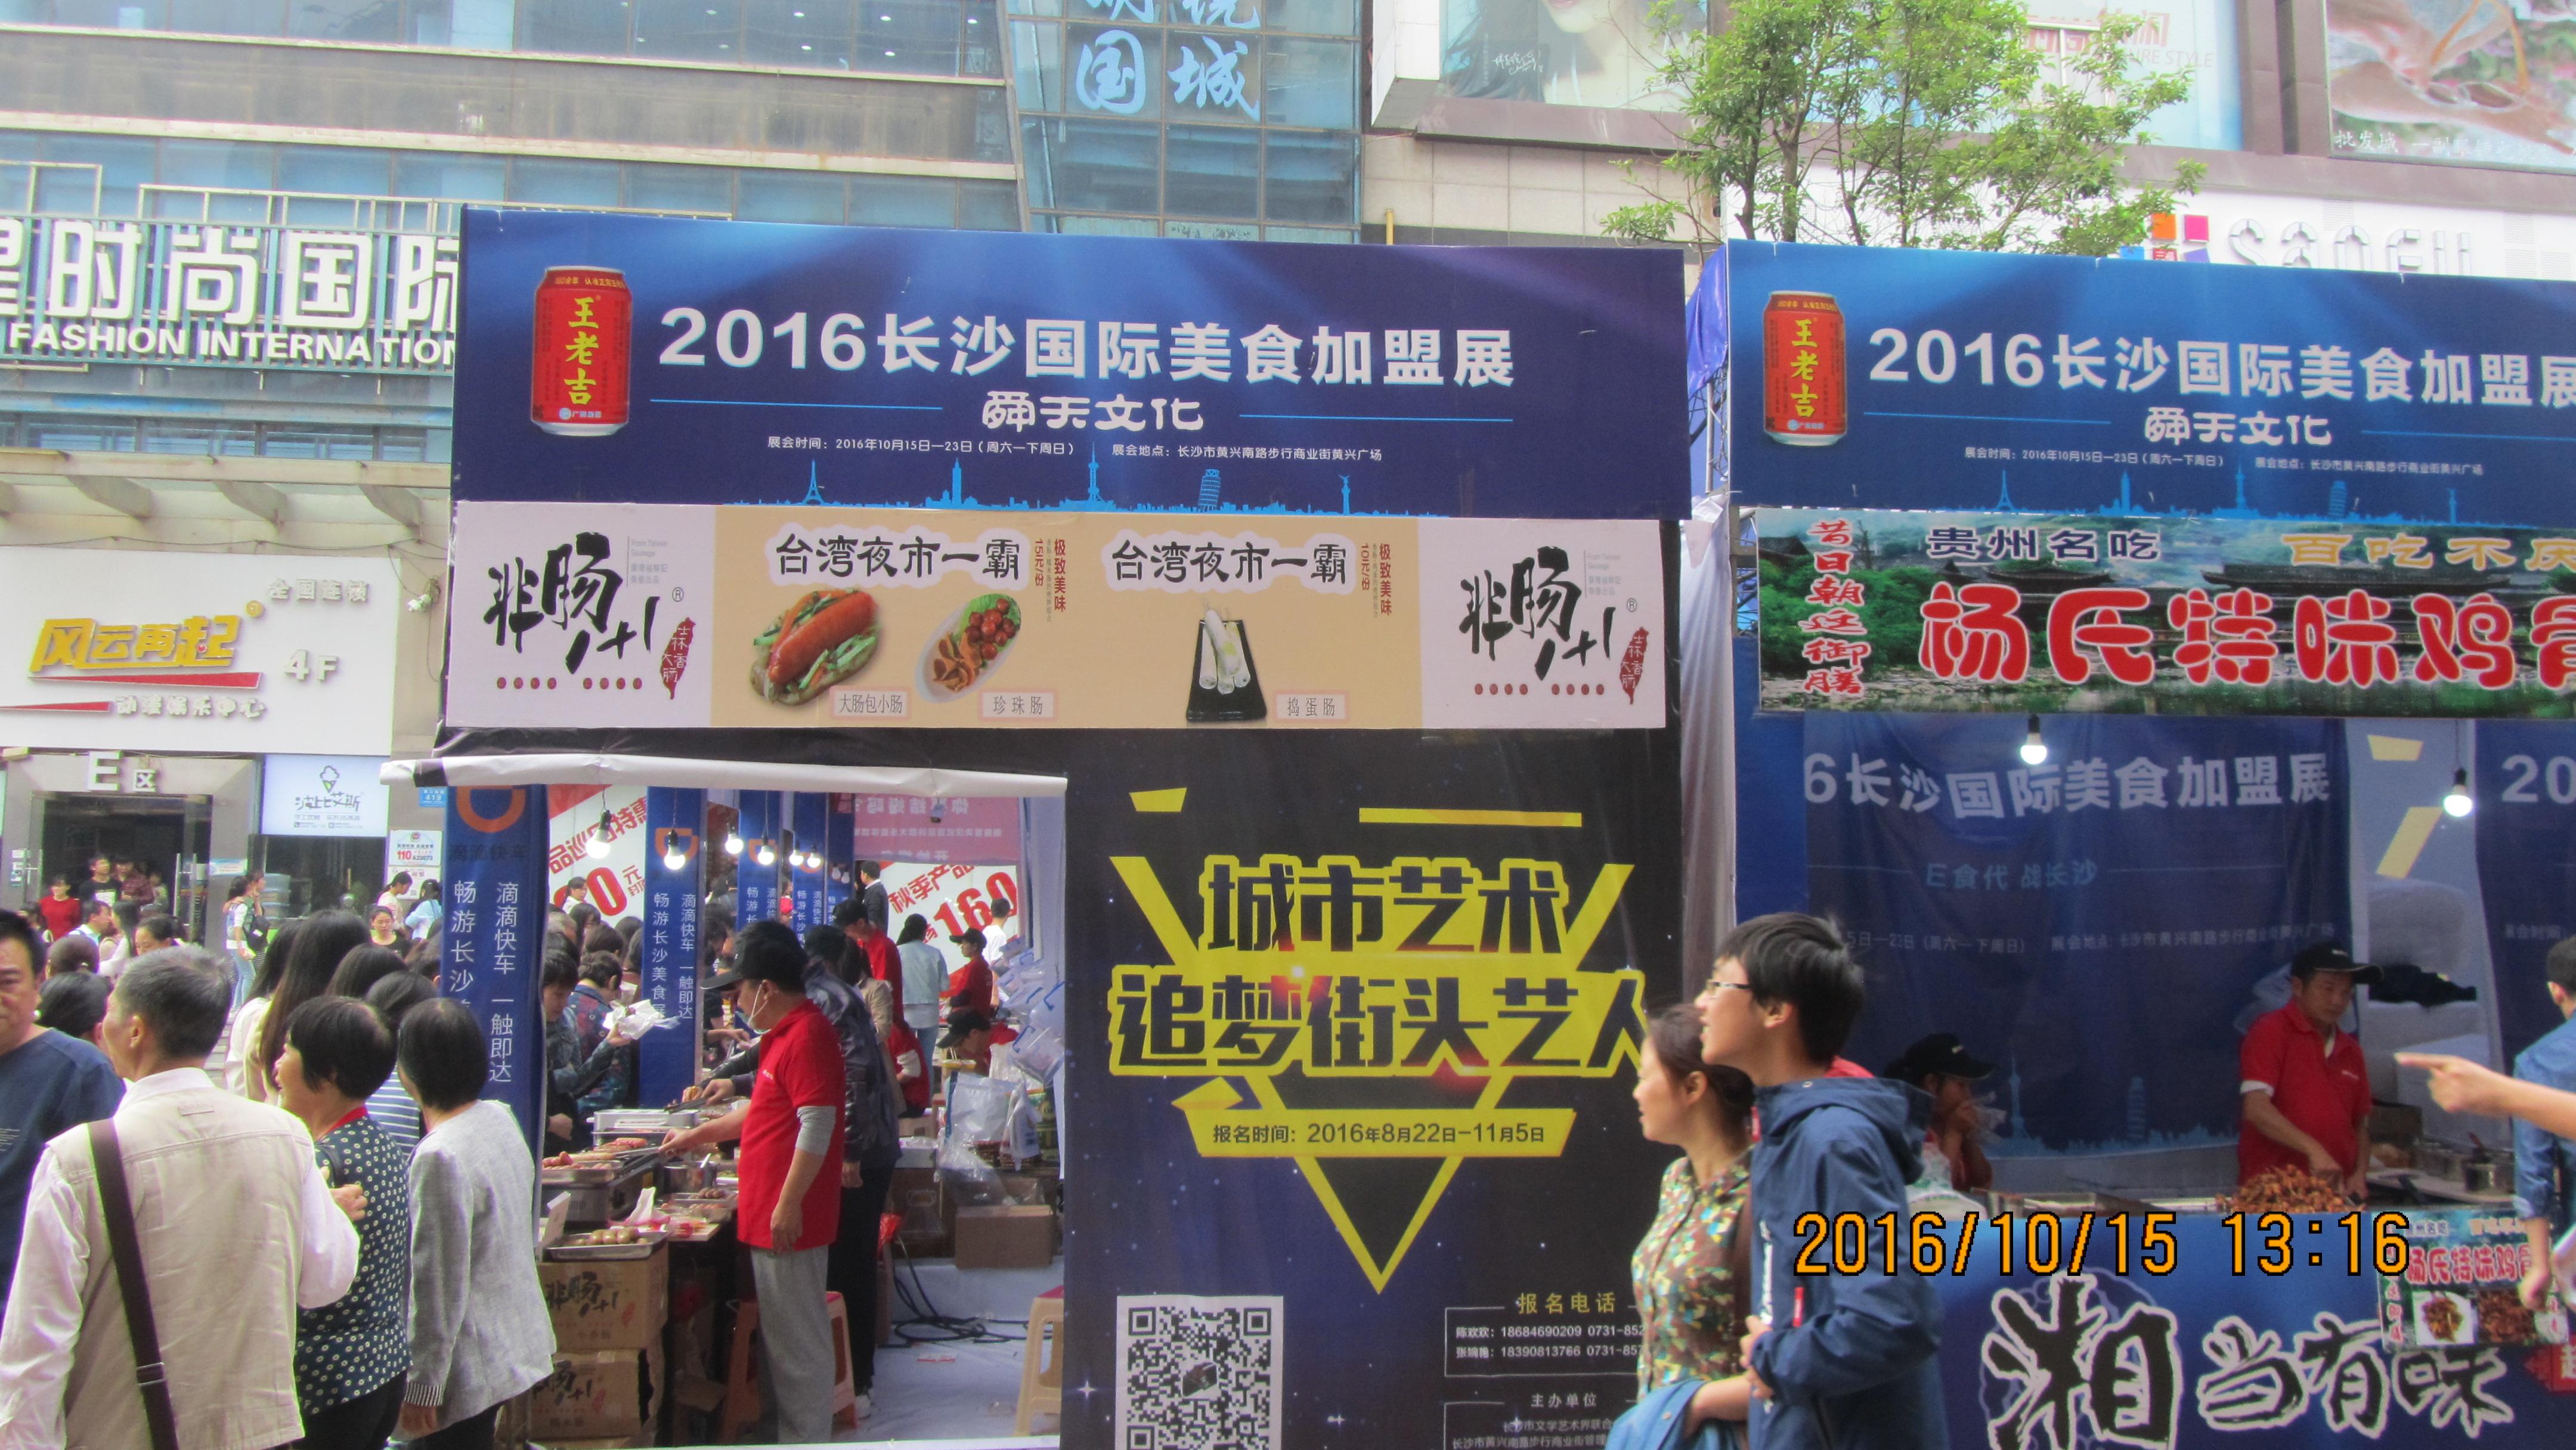 黑色经典长沙臭豆腐(潇湘文化店)黑色经典长沙臭豆腐(潇湘文化店)